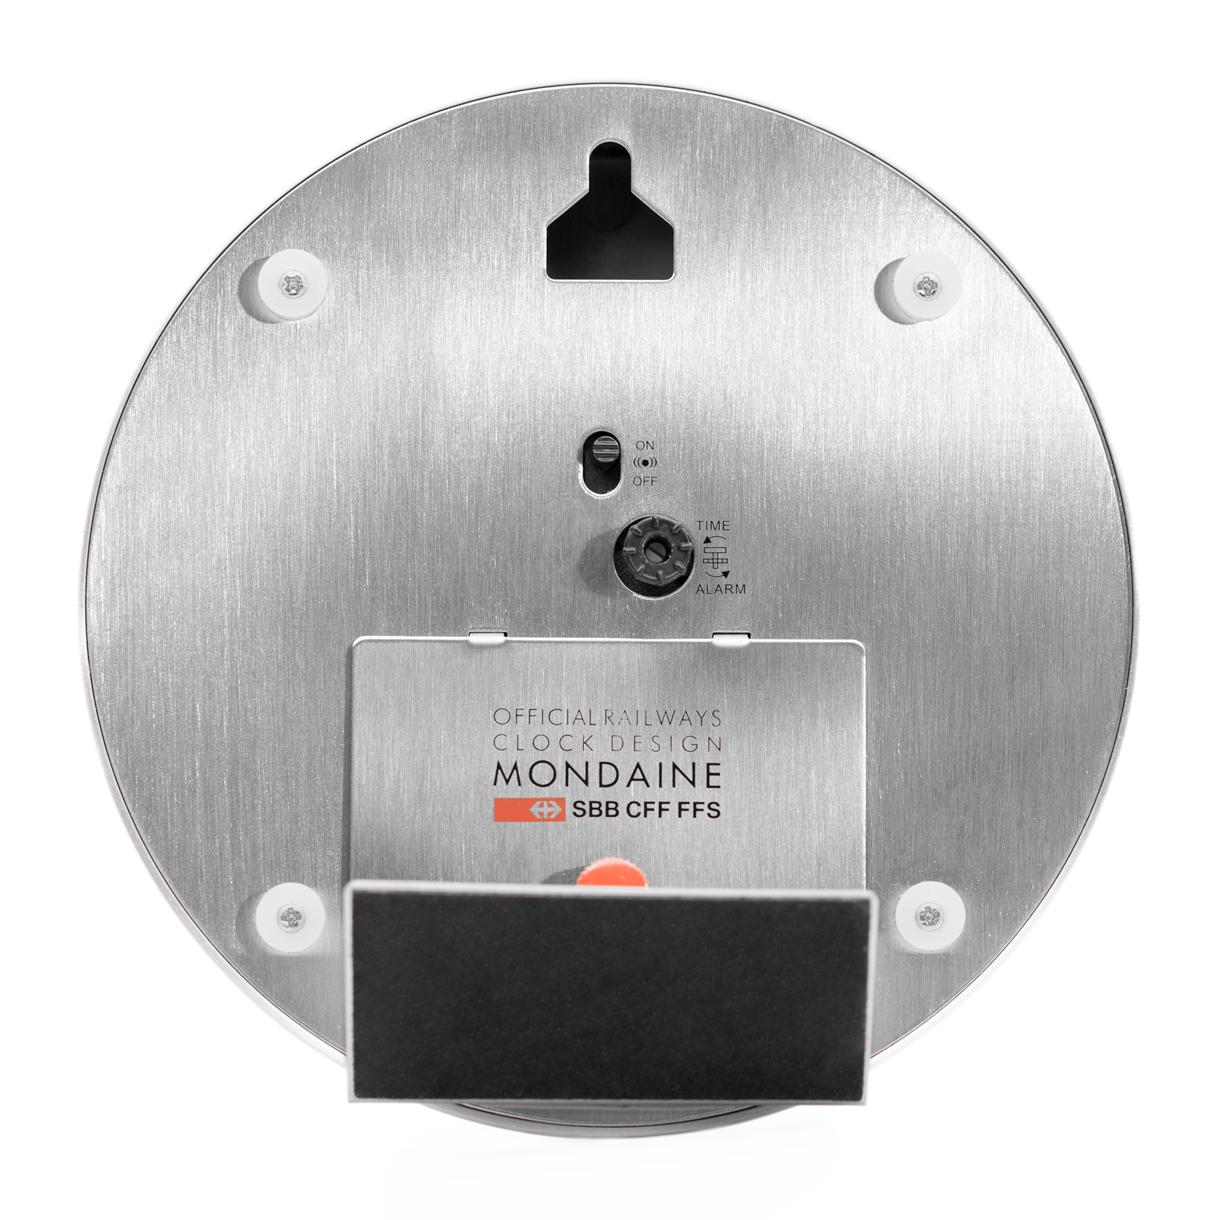 Mondaine Mini Clock Alarm